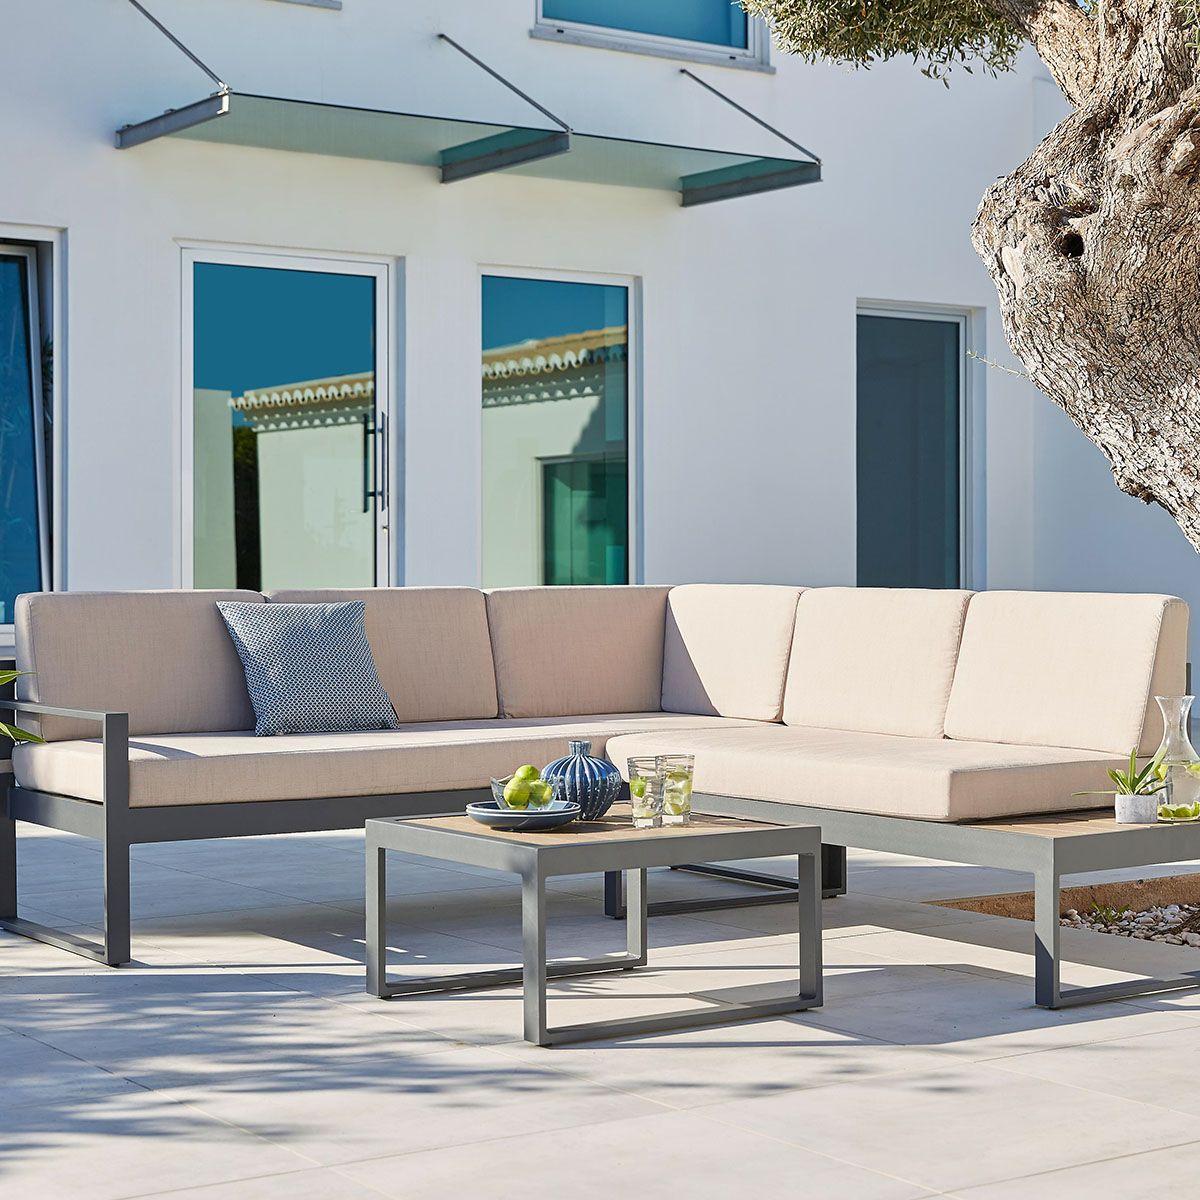 Loungegarnitur Gartengarnitur Lounge Set Lounge Gartenmobel Mobel Fur Den Garten Mobel Fur Draussen Garten Draussen Lounge Garnitur Lounge Lounge Mobel